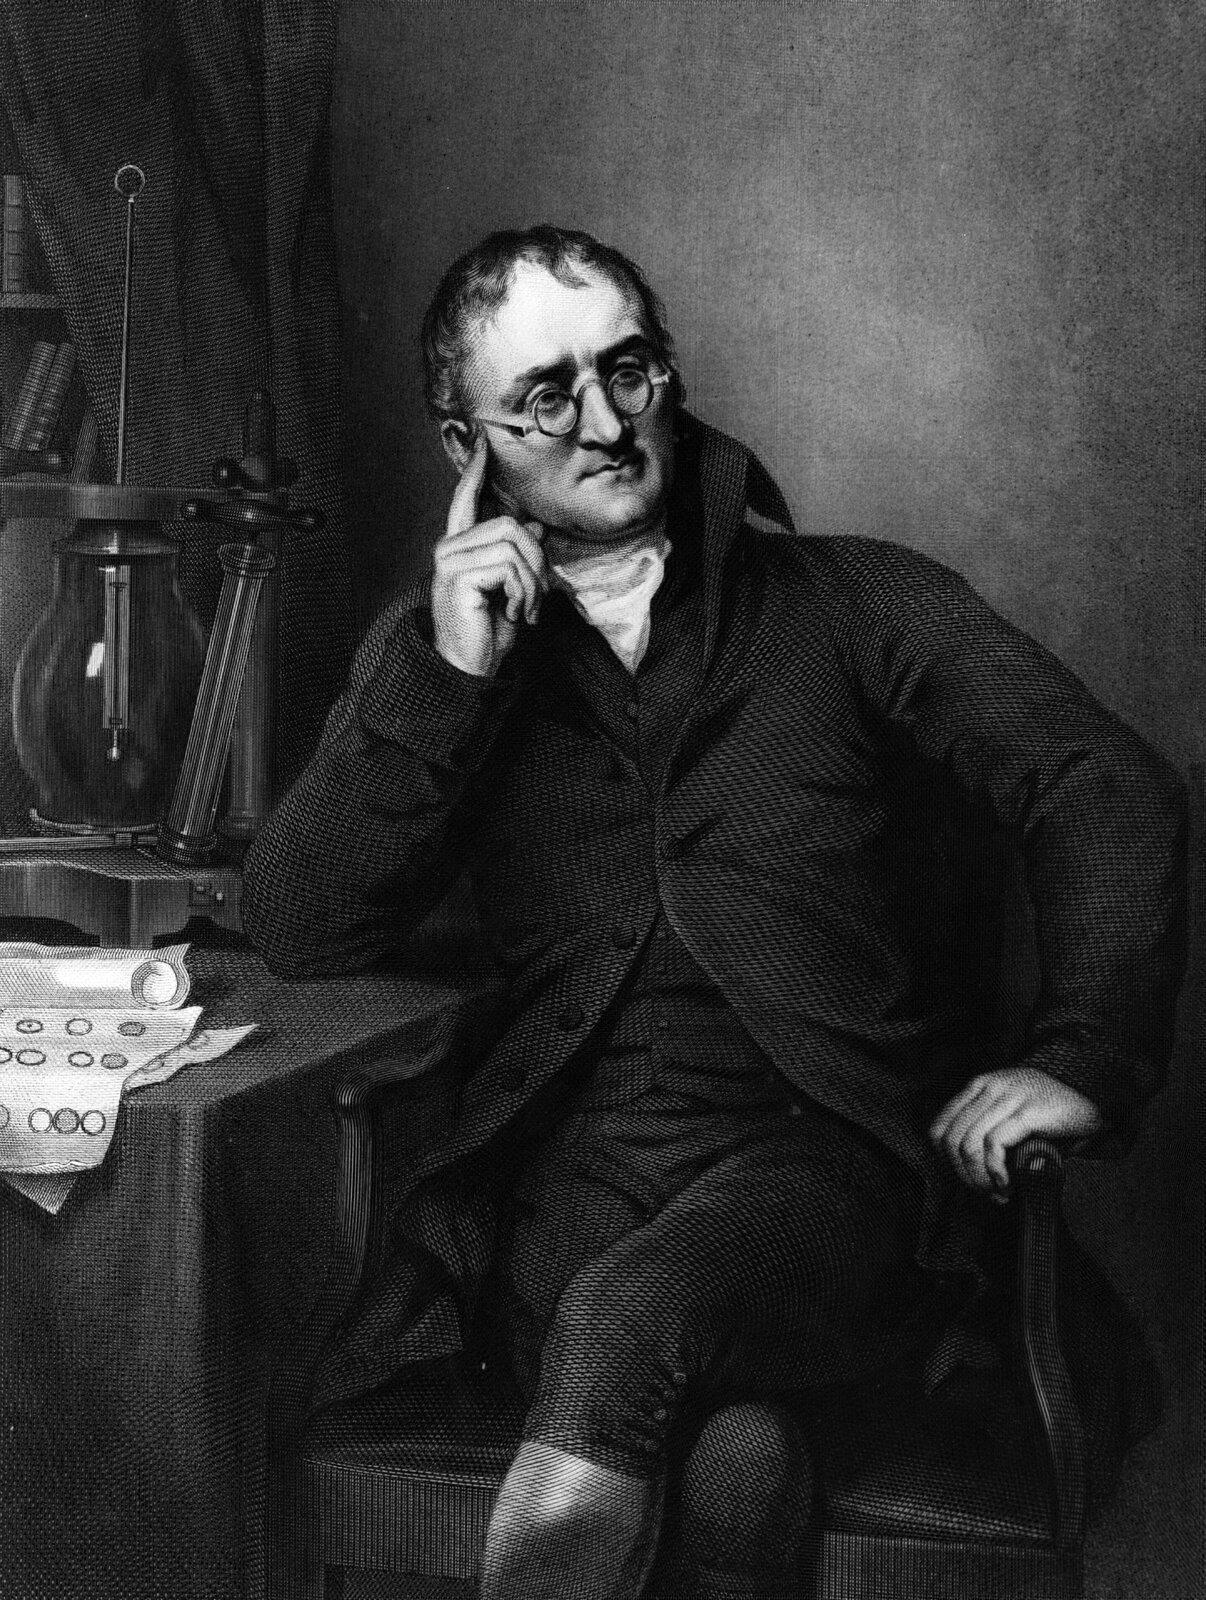 Zdjęcie przedstawia portret Johna Daltona. Portret czarno biały. Mężczyzna wwieku około pięćdziesięciu pięciu lat. Mężczyzna siedzi na krześle wsparty prawym łokciem oblat biurka. Prawa dłoń sięga do twarzy mężczyzny. Palec wskazujący skierowany jest wstronę skroni. Lewa ręka spoczywa na podłokietniku krzesła. Głowa mężczyzny skierowana wprawą stronę. Czoło wysokie miejscami przykryte kępami włosów. Czarne włosy zaczesane do tyłu. Nos duży, wyrazisty. Okulary wokrągłych oprawach. Usta wąskie. Broda bardzo ostro zakończona. Nogi założone jedna na drugą. Mężczyzna ubrany wbiałą koszulę iciemny garnitur. Buty wysokie sięgające kolan